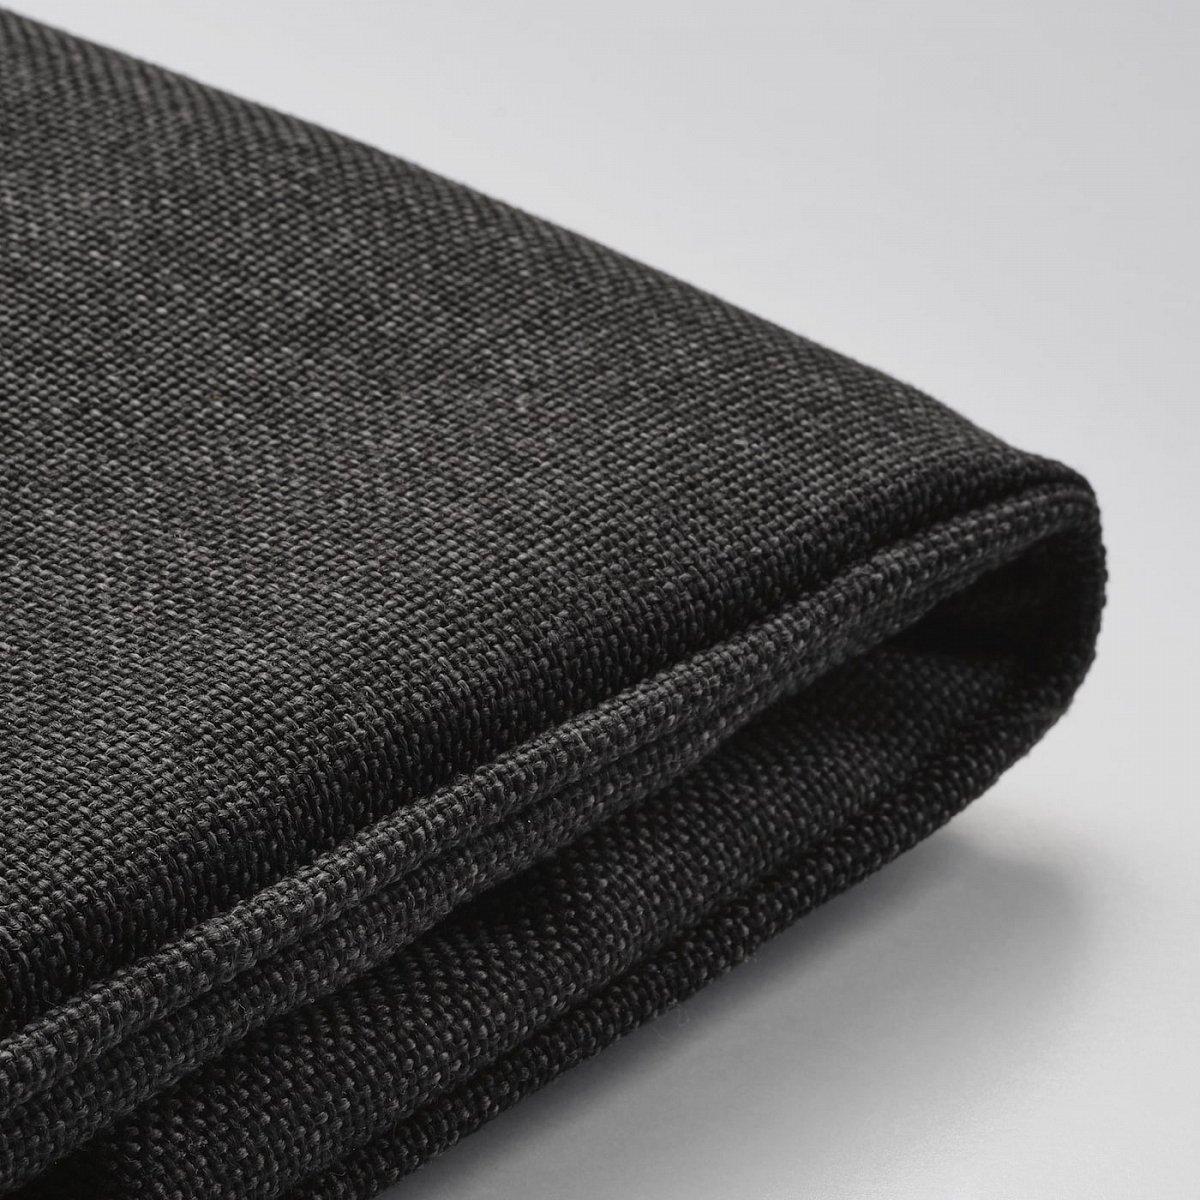 ЙЭРПОН, Чехол на подушку стула, для сада антрацит, 50x50 см - фото 1